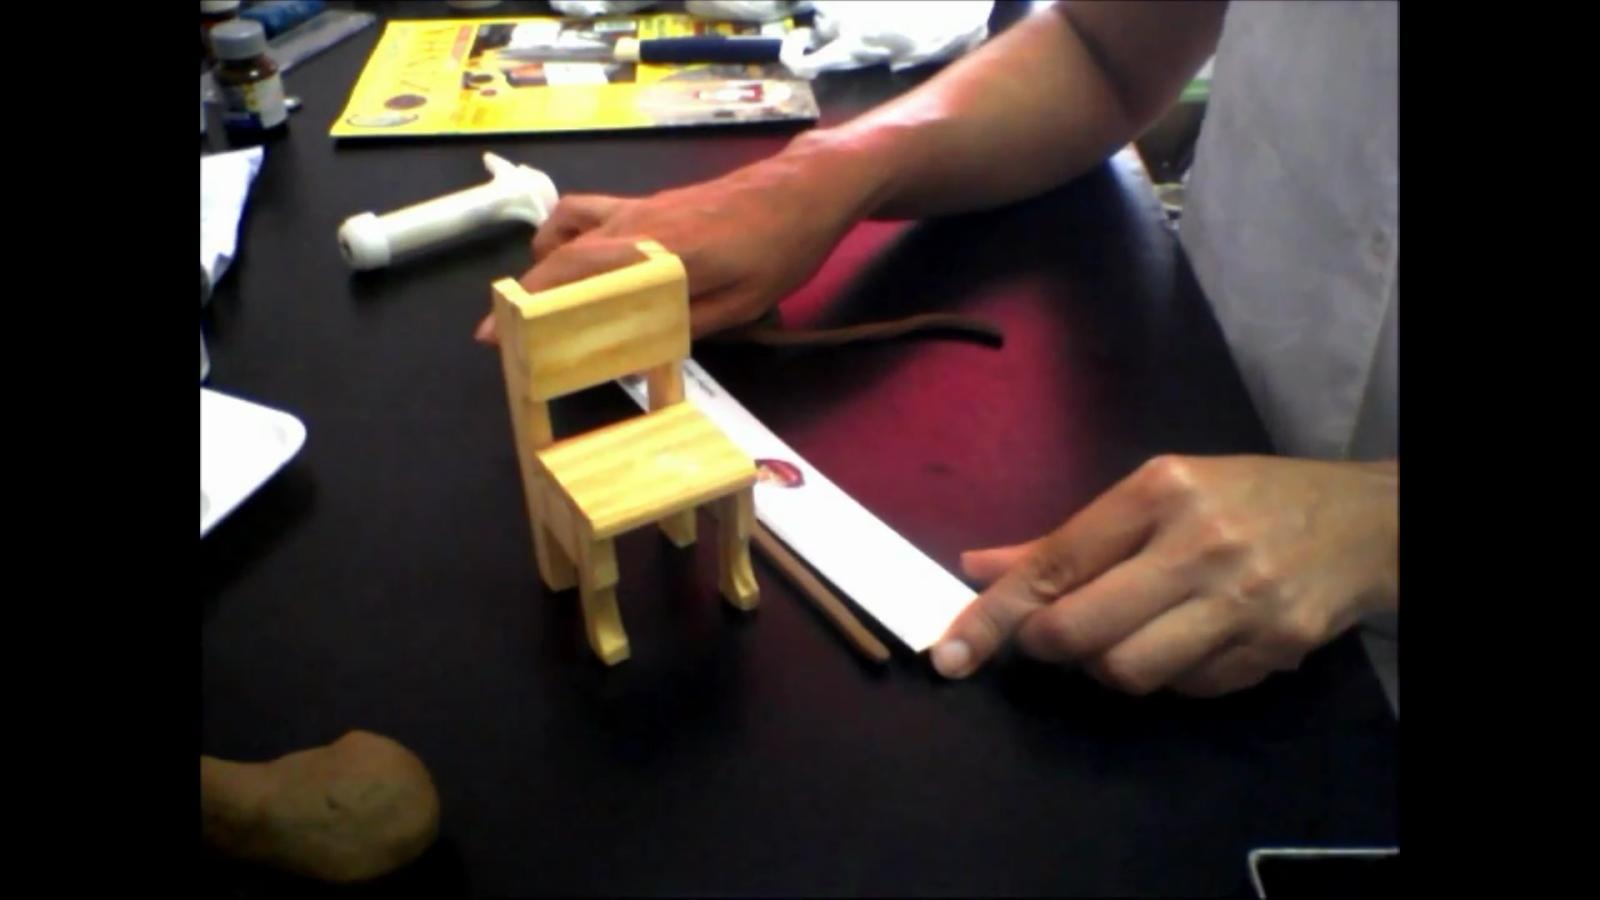 Passo à Passo Biscuit: Como fazer a Cadeira de Balanço com Biscuit #B6A815 1600x900